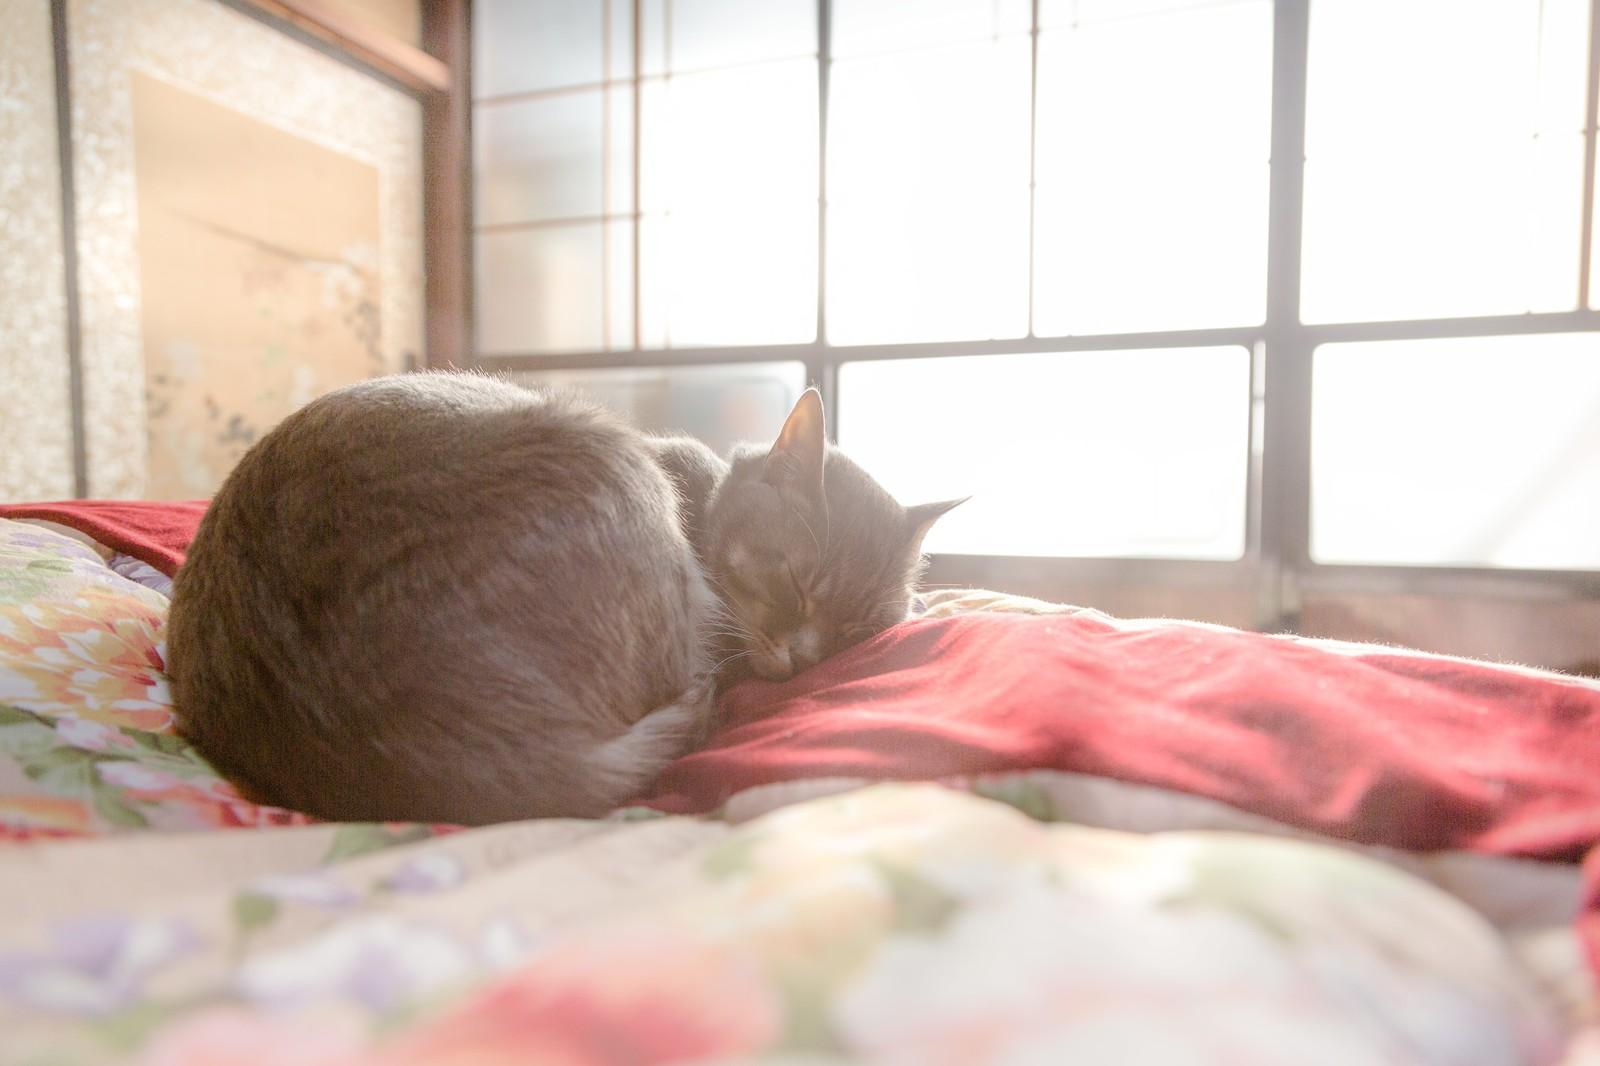 お布団で寝坊する猫ちゃん